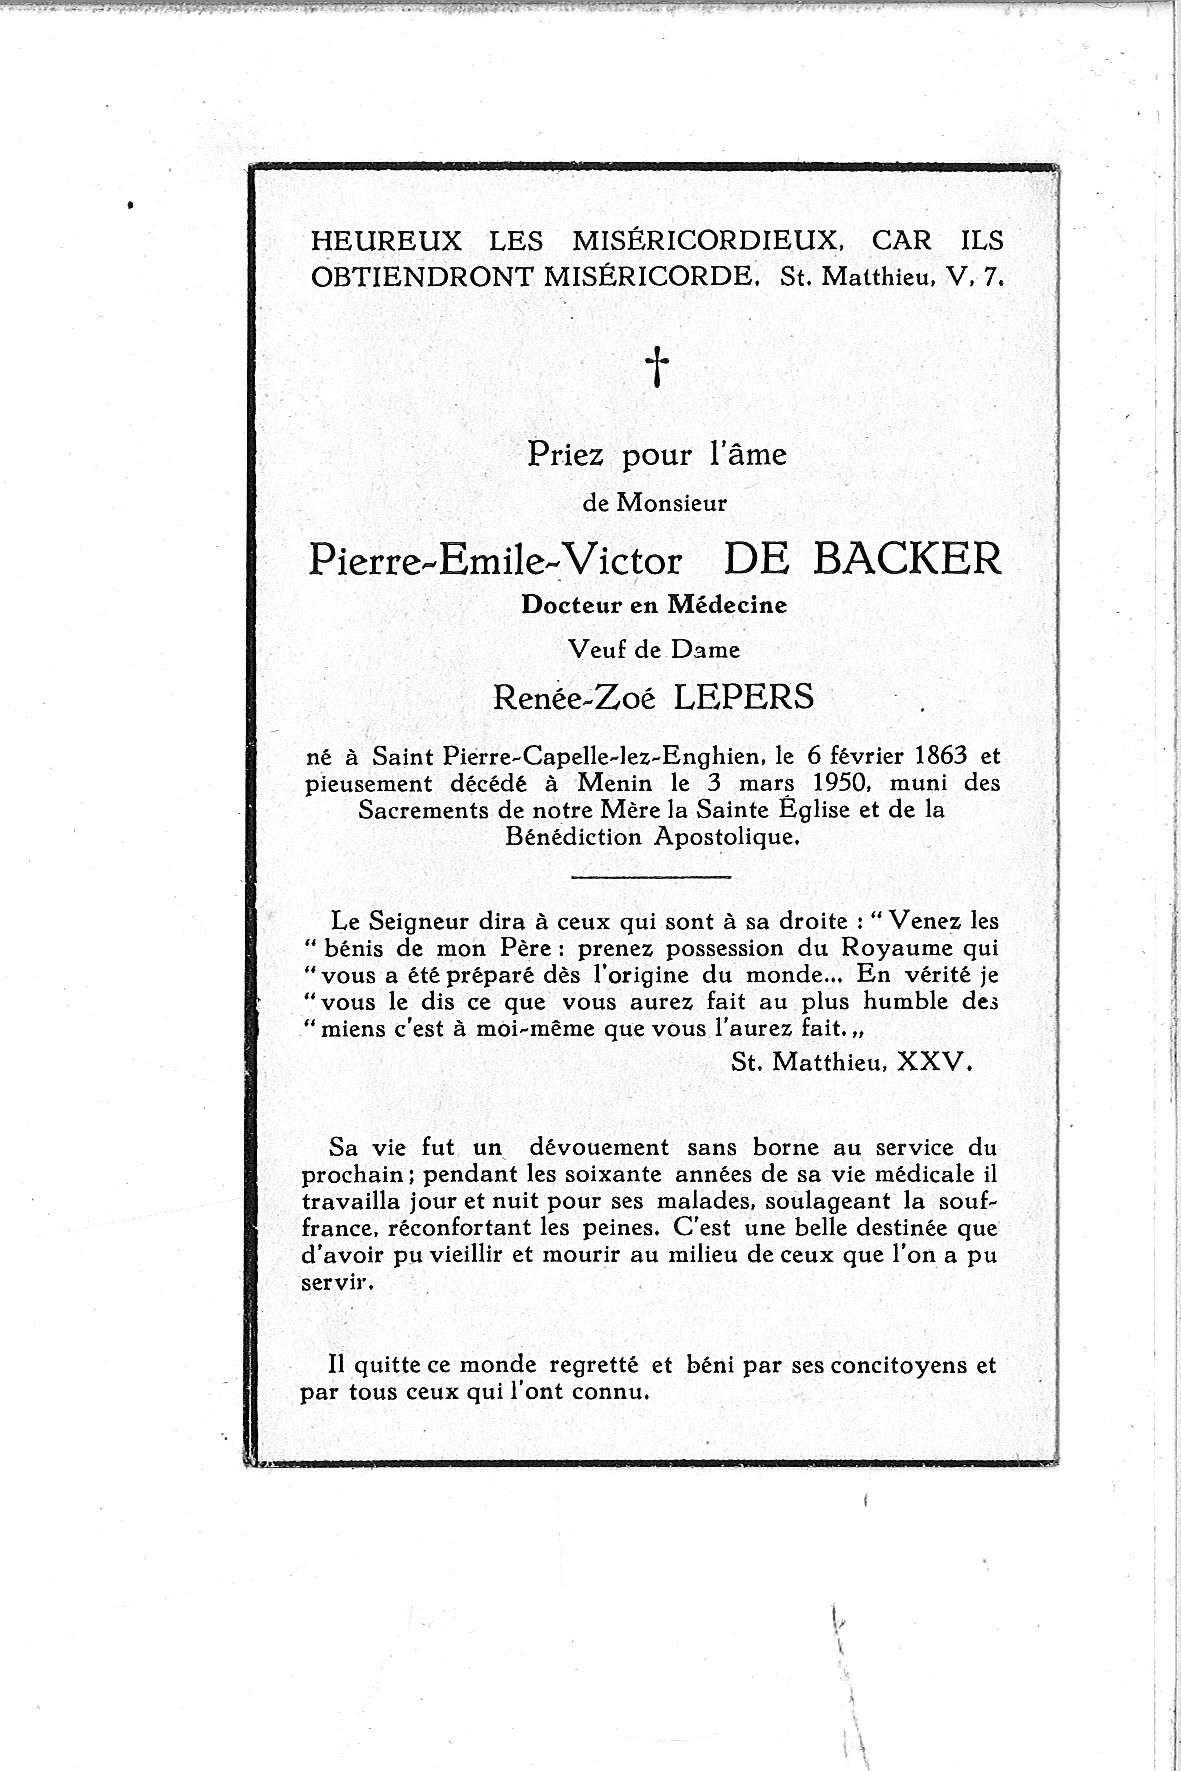 Pierre-Emile-Victor(1950).jpg